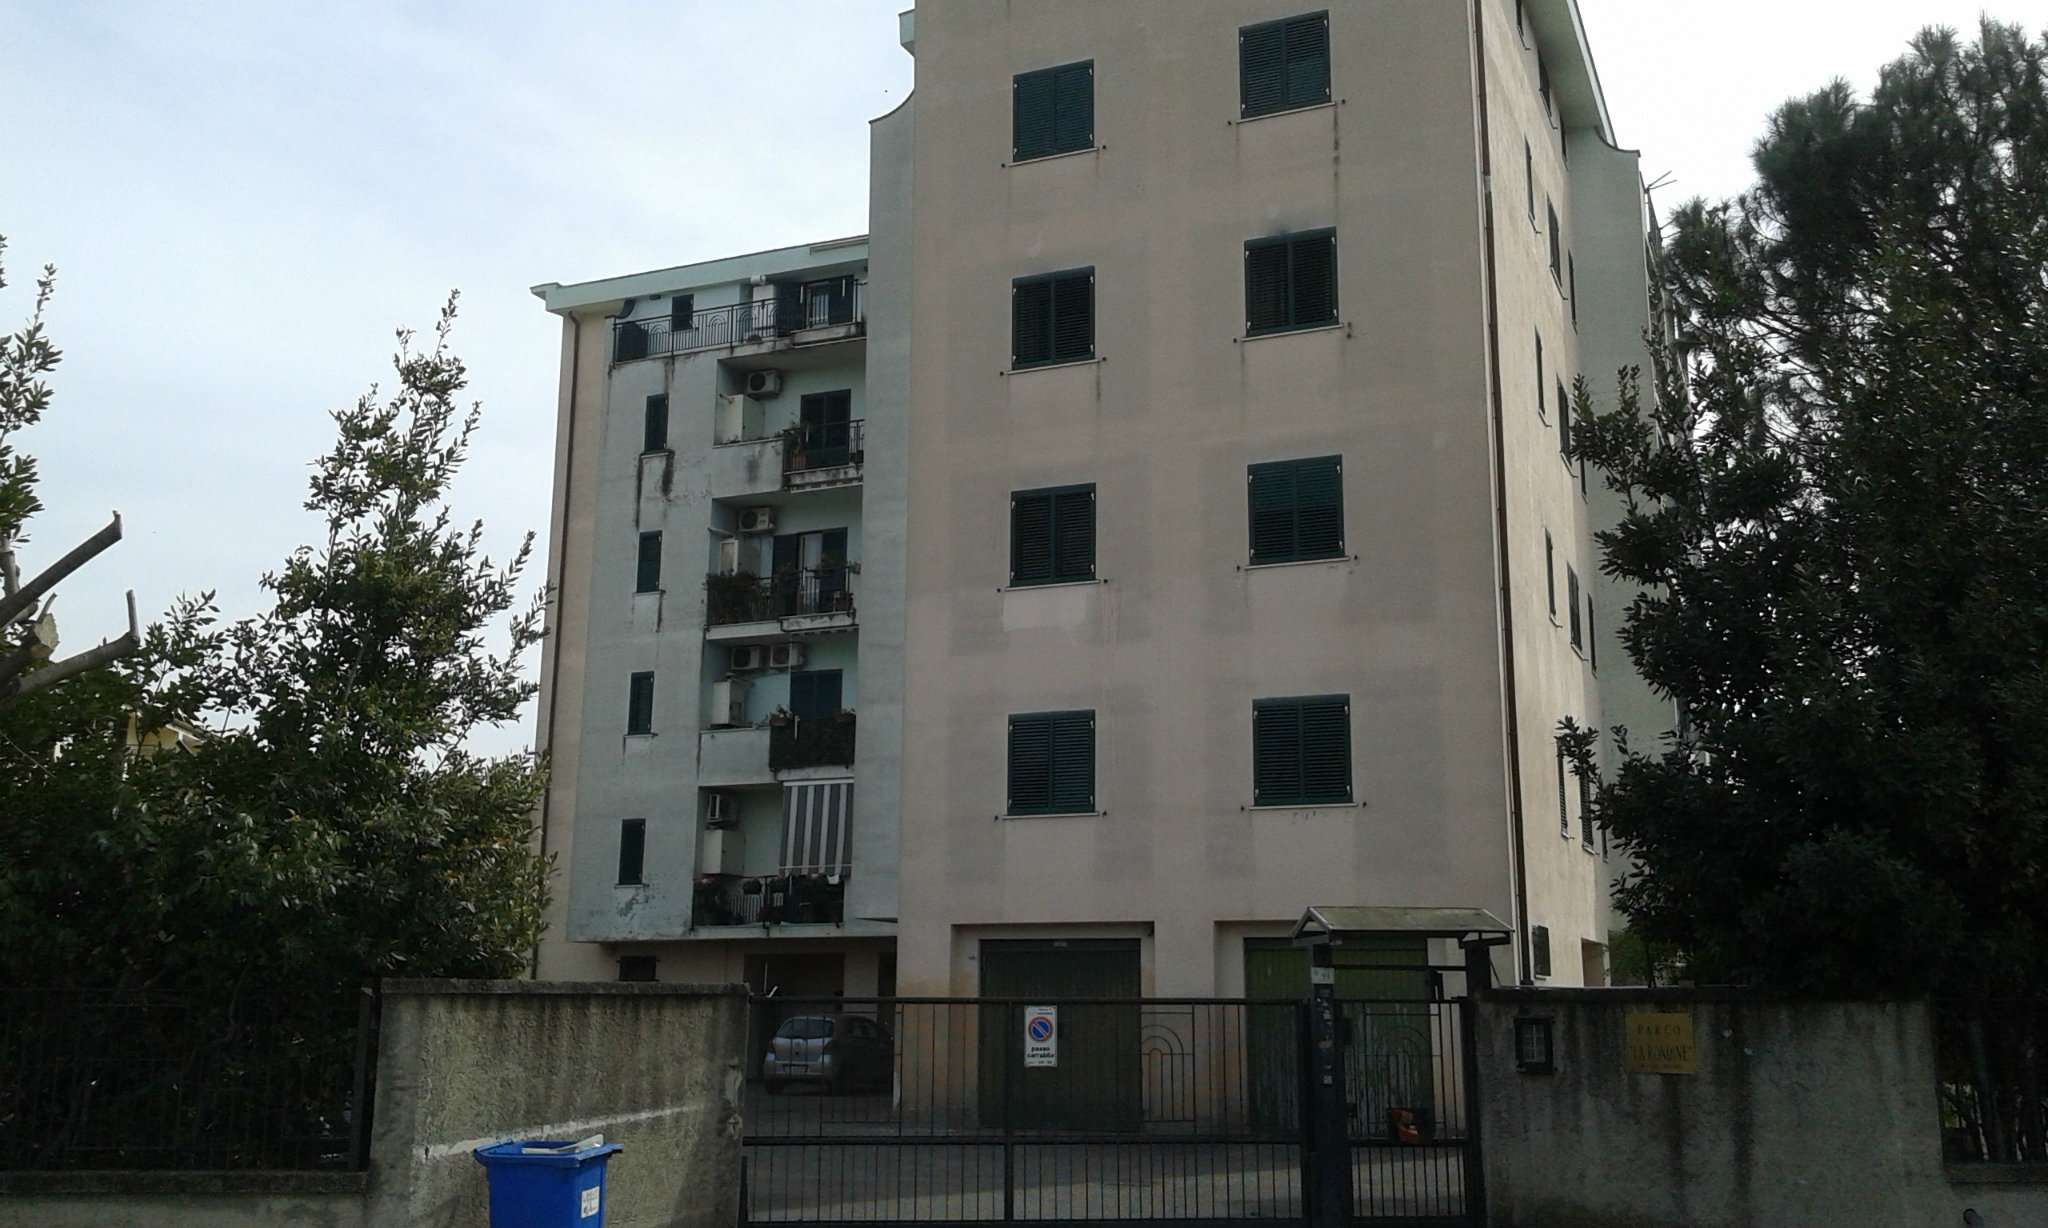 Attico / Mansarda in vendita a Marcianise, 4 locali, prezzo € 145.000 | Cambio Casa.it